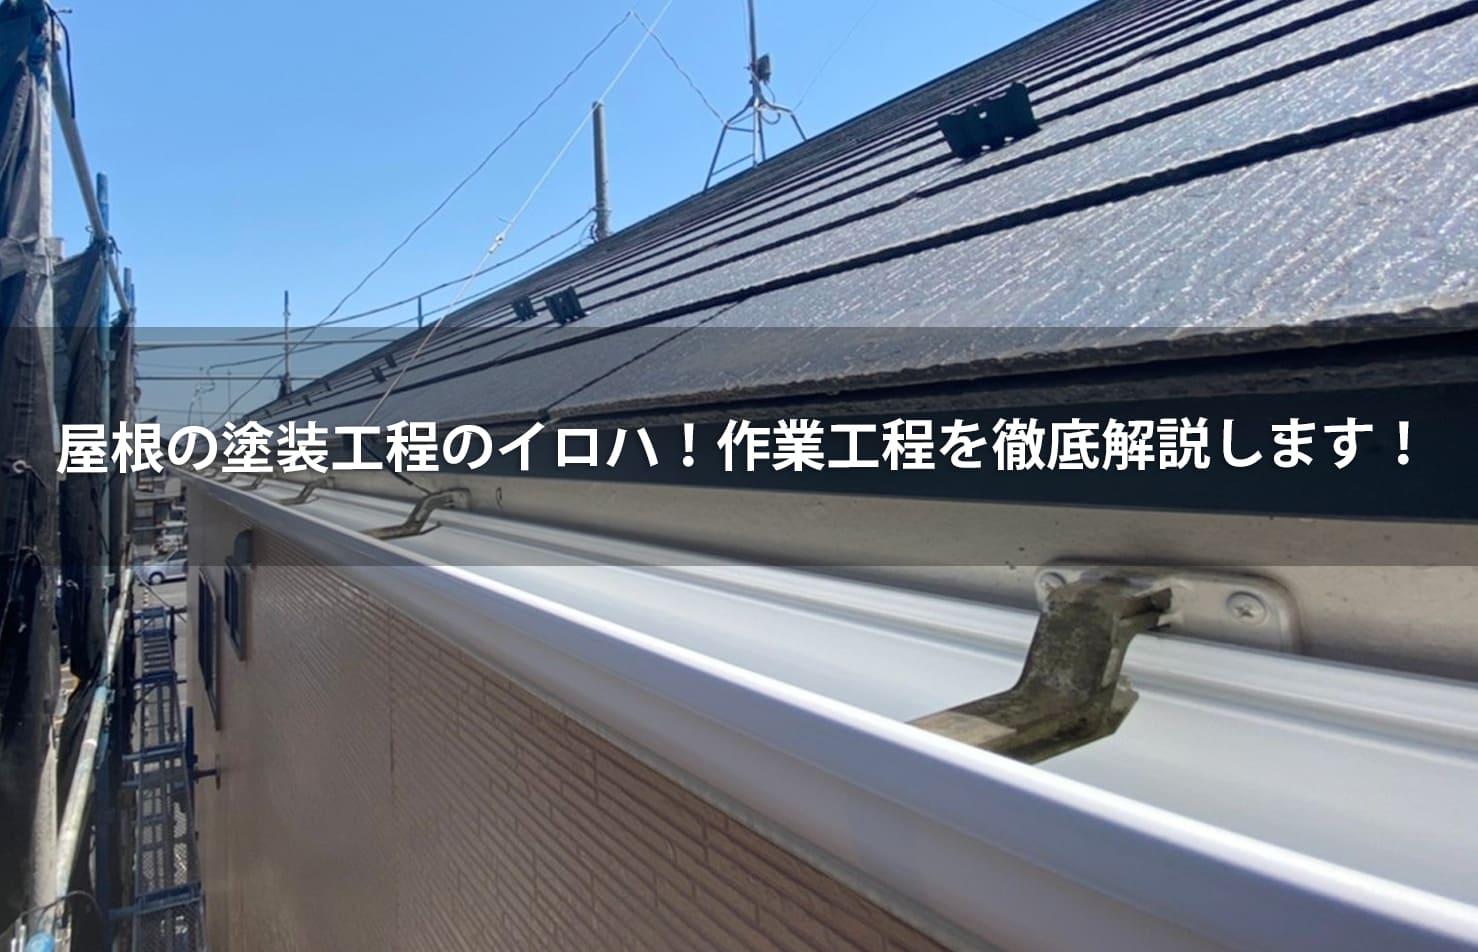 屋根の塗装工程のイロハ!作業工程イメージ